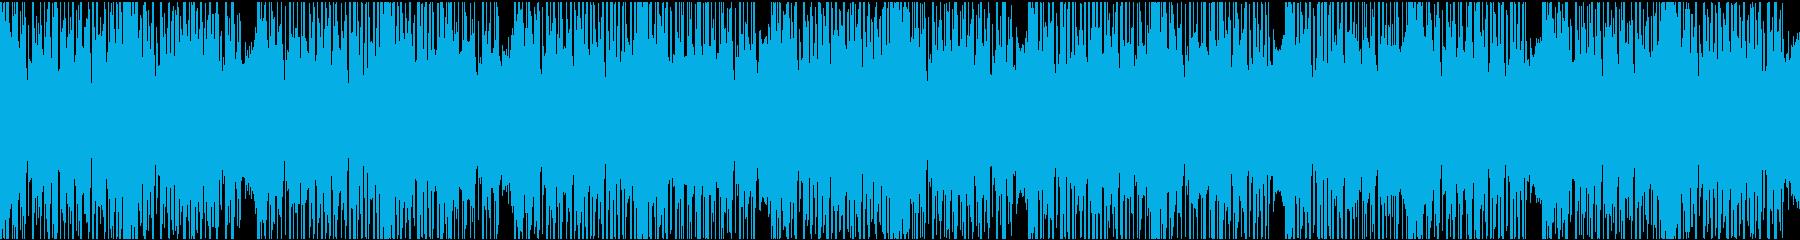 ダークエレクトロ/ループの再生済みの波形